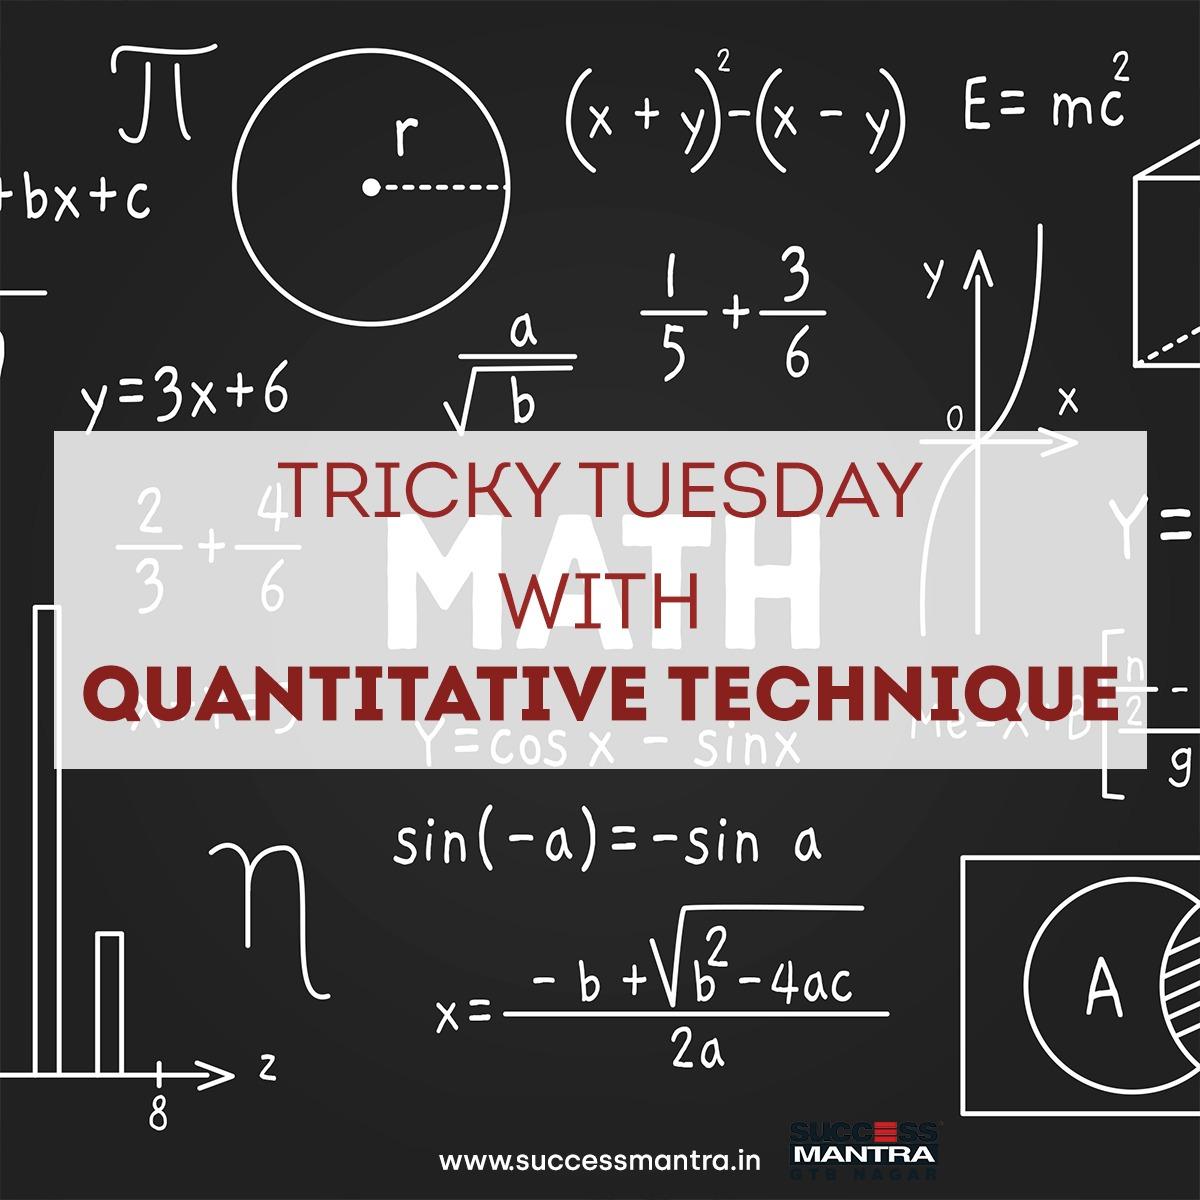 Questions On Quantitative Techniques SMQTQ033